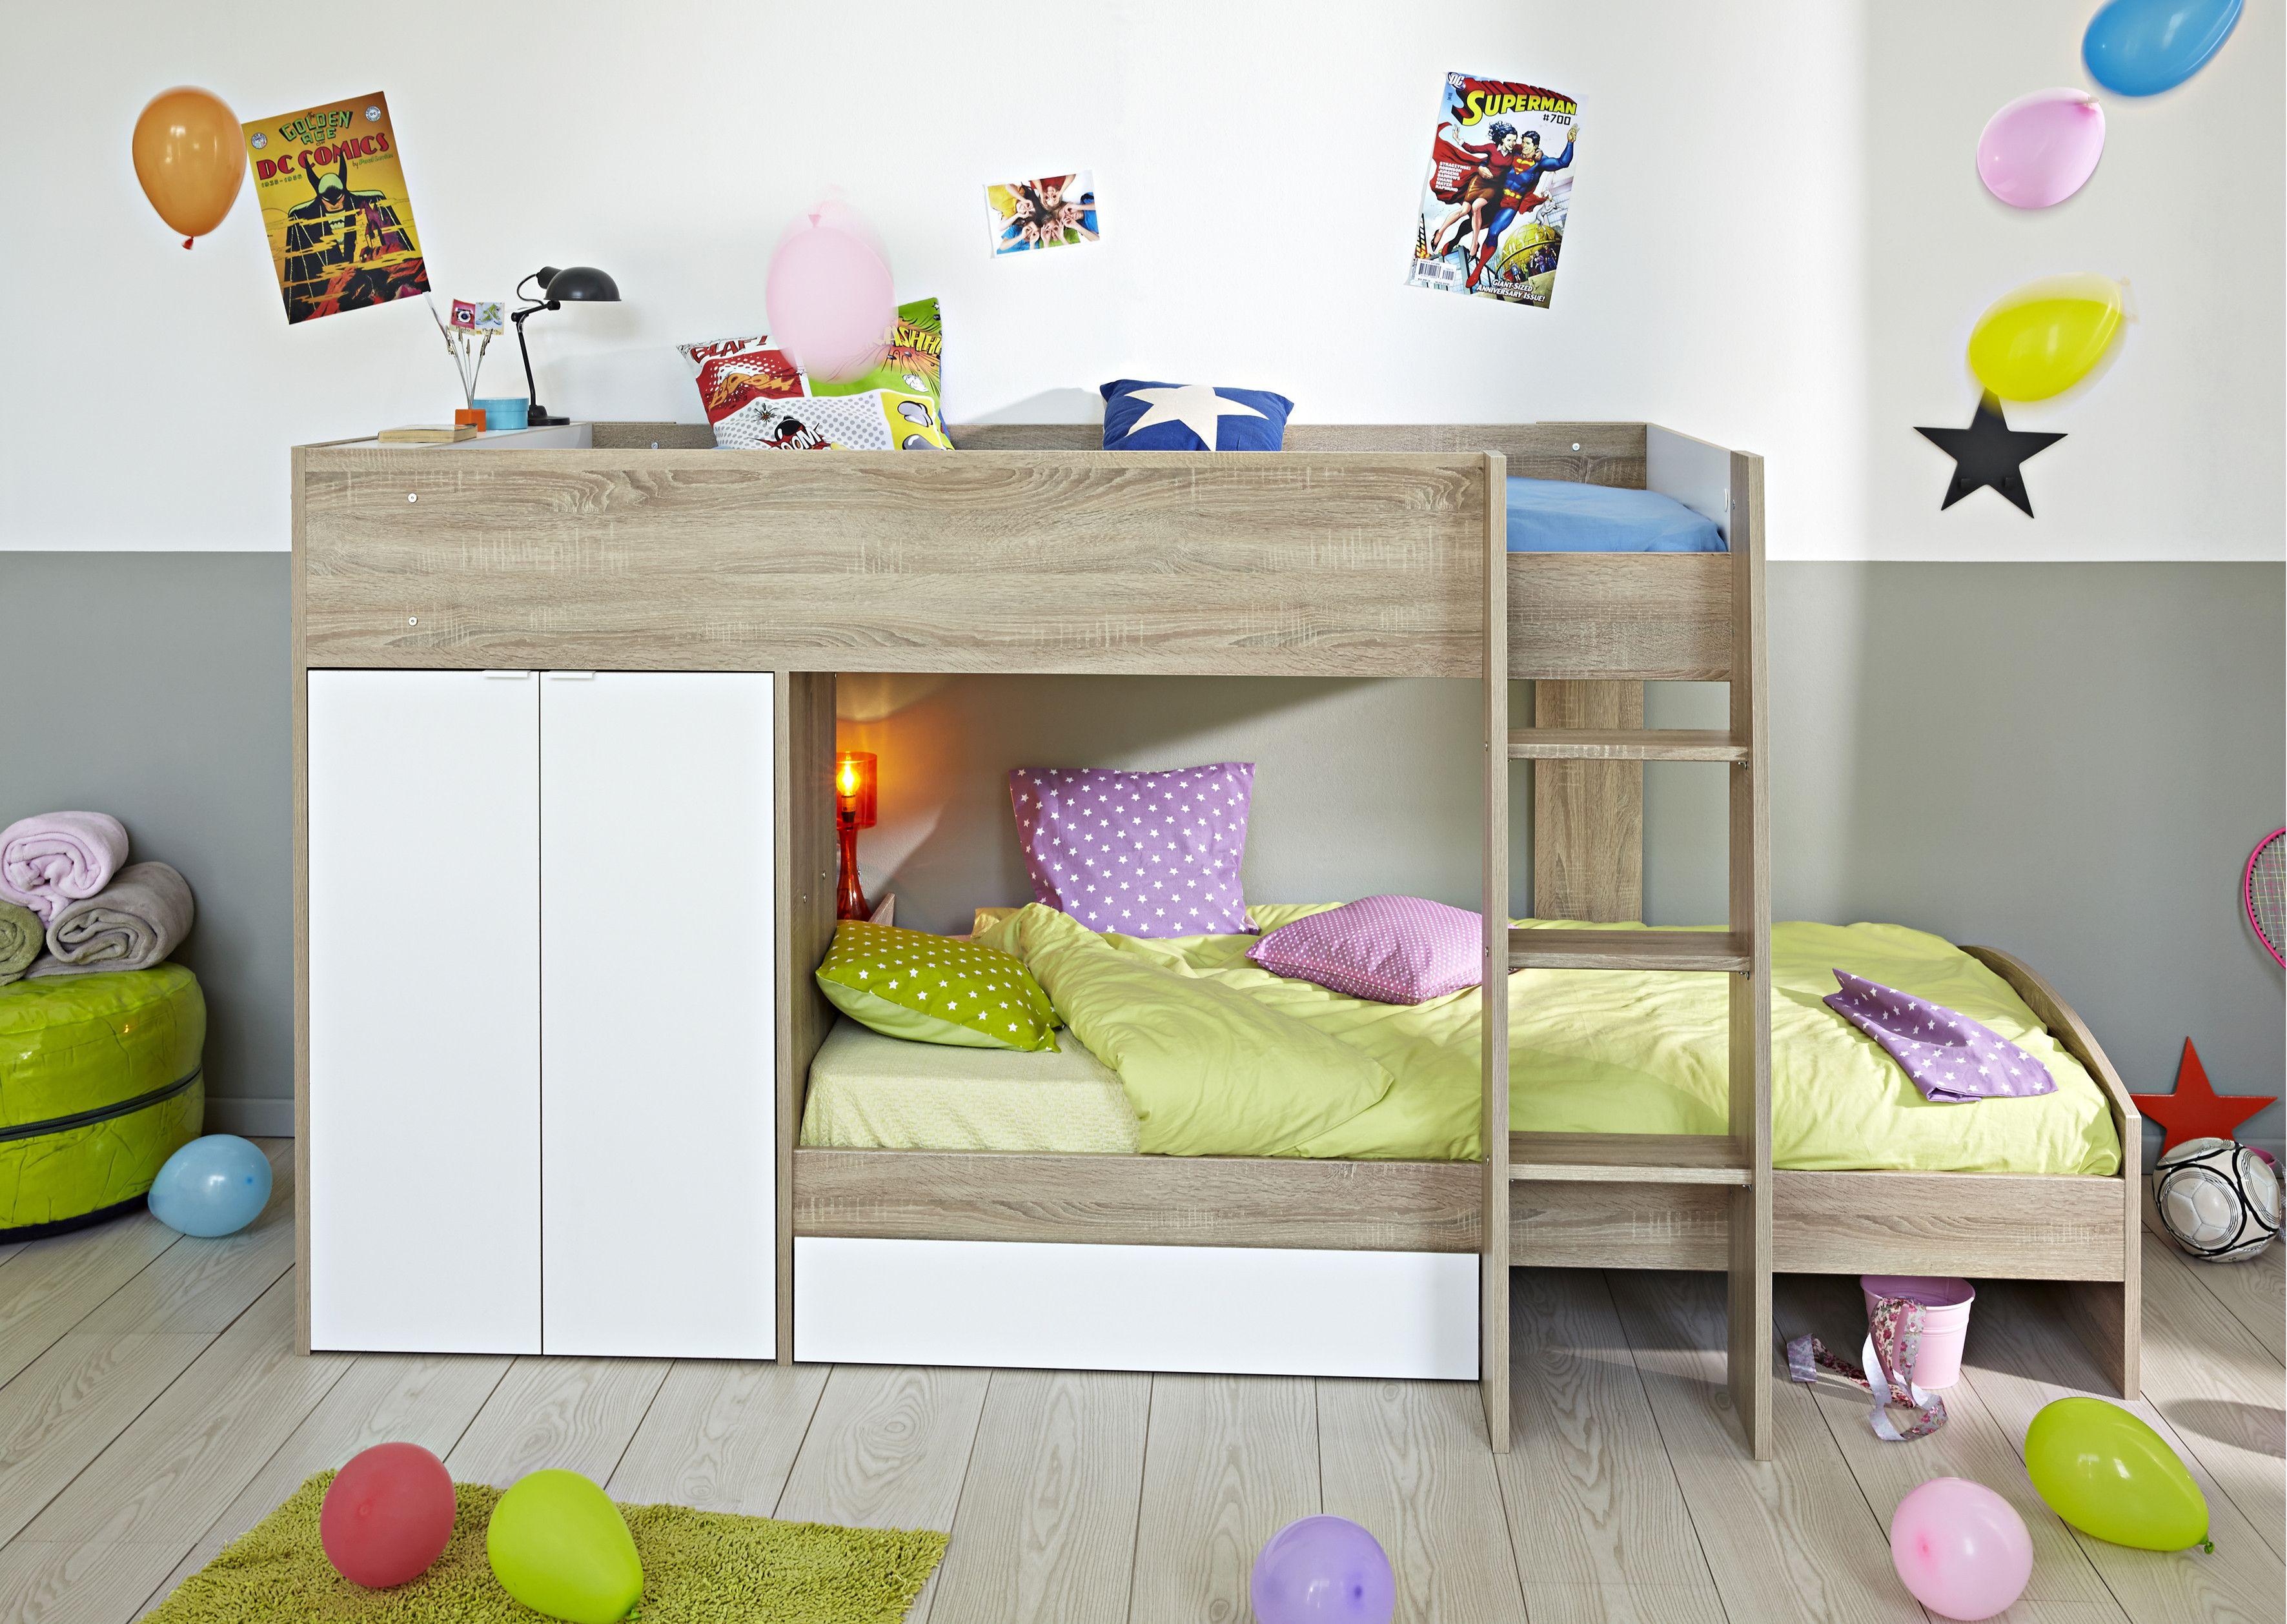 Hochbett Holz Weiß 90x200 : Hochbett weiß ebay kleinanzeigen